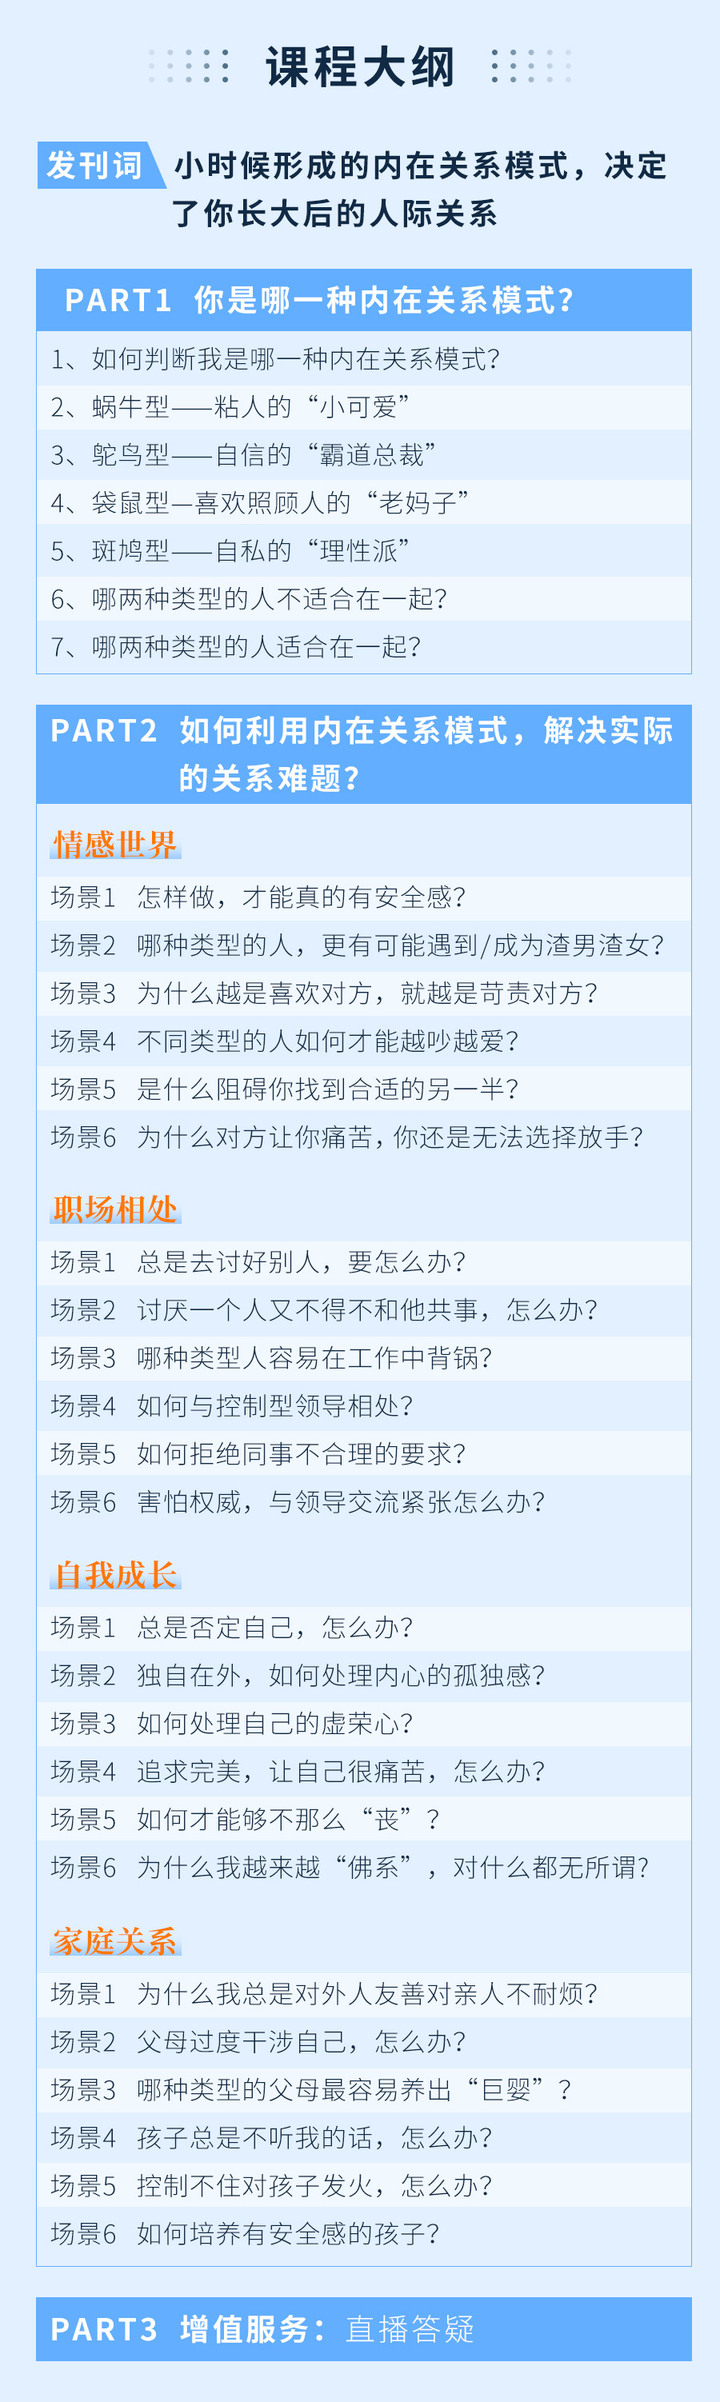 胡慎之详情页_06.jpg